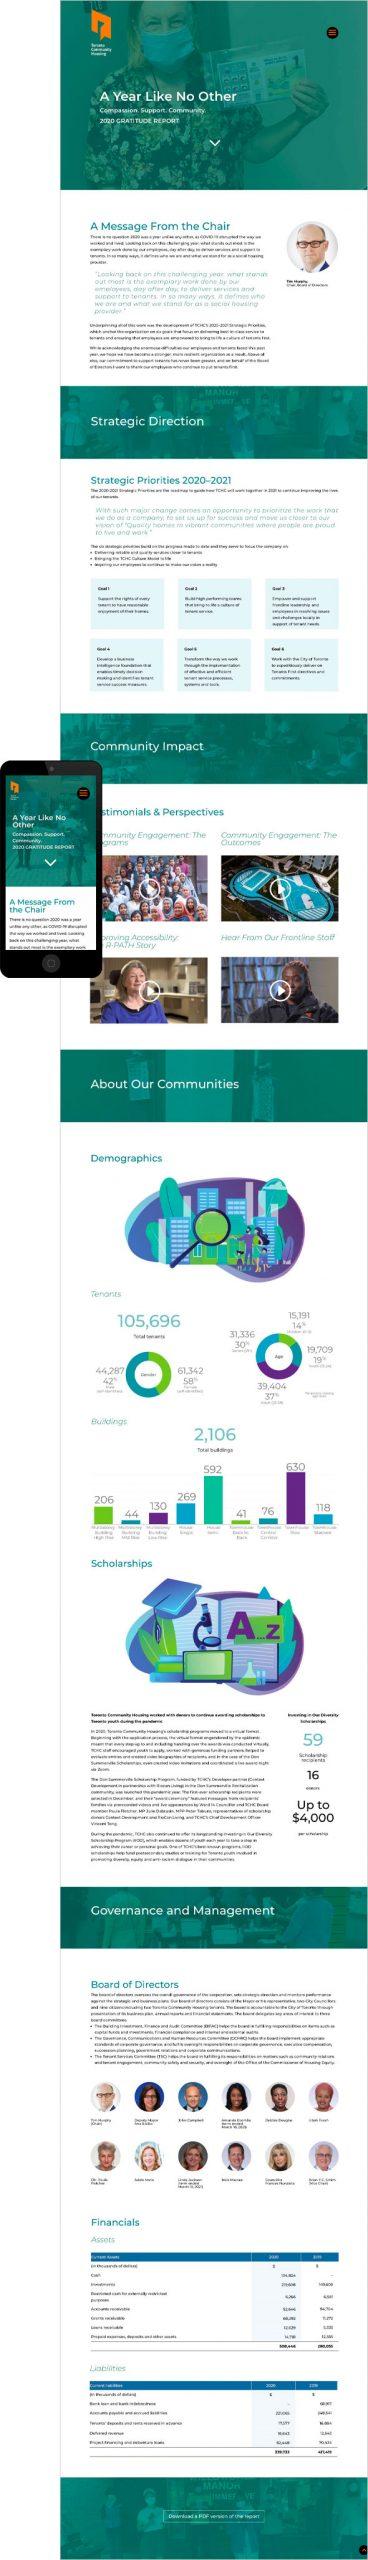 Online Annual Report Design